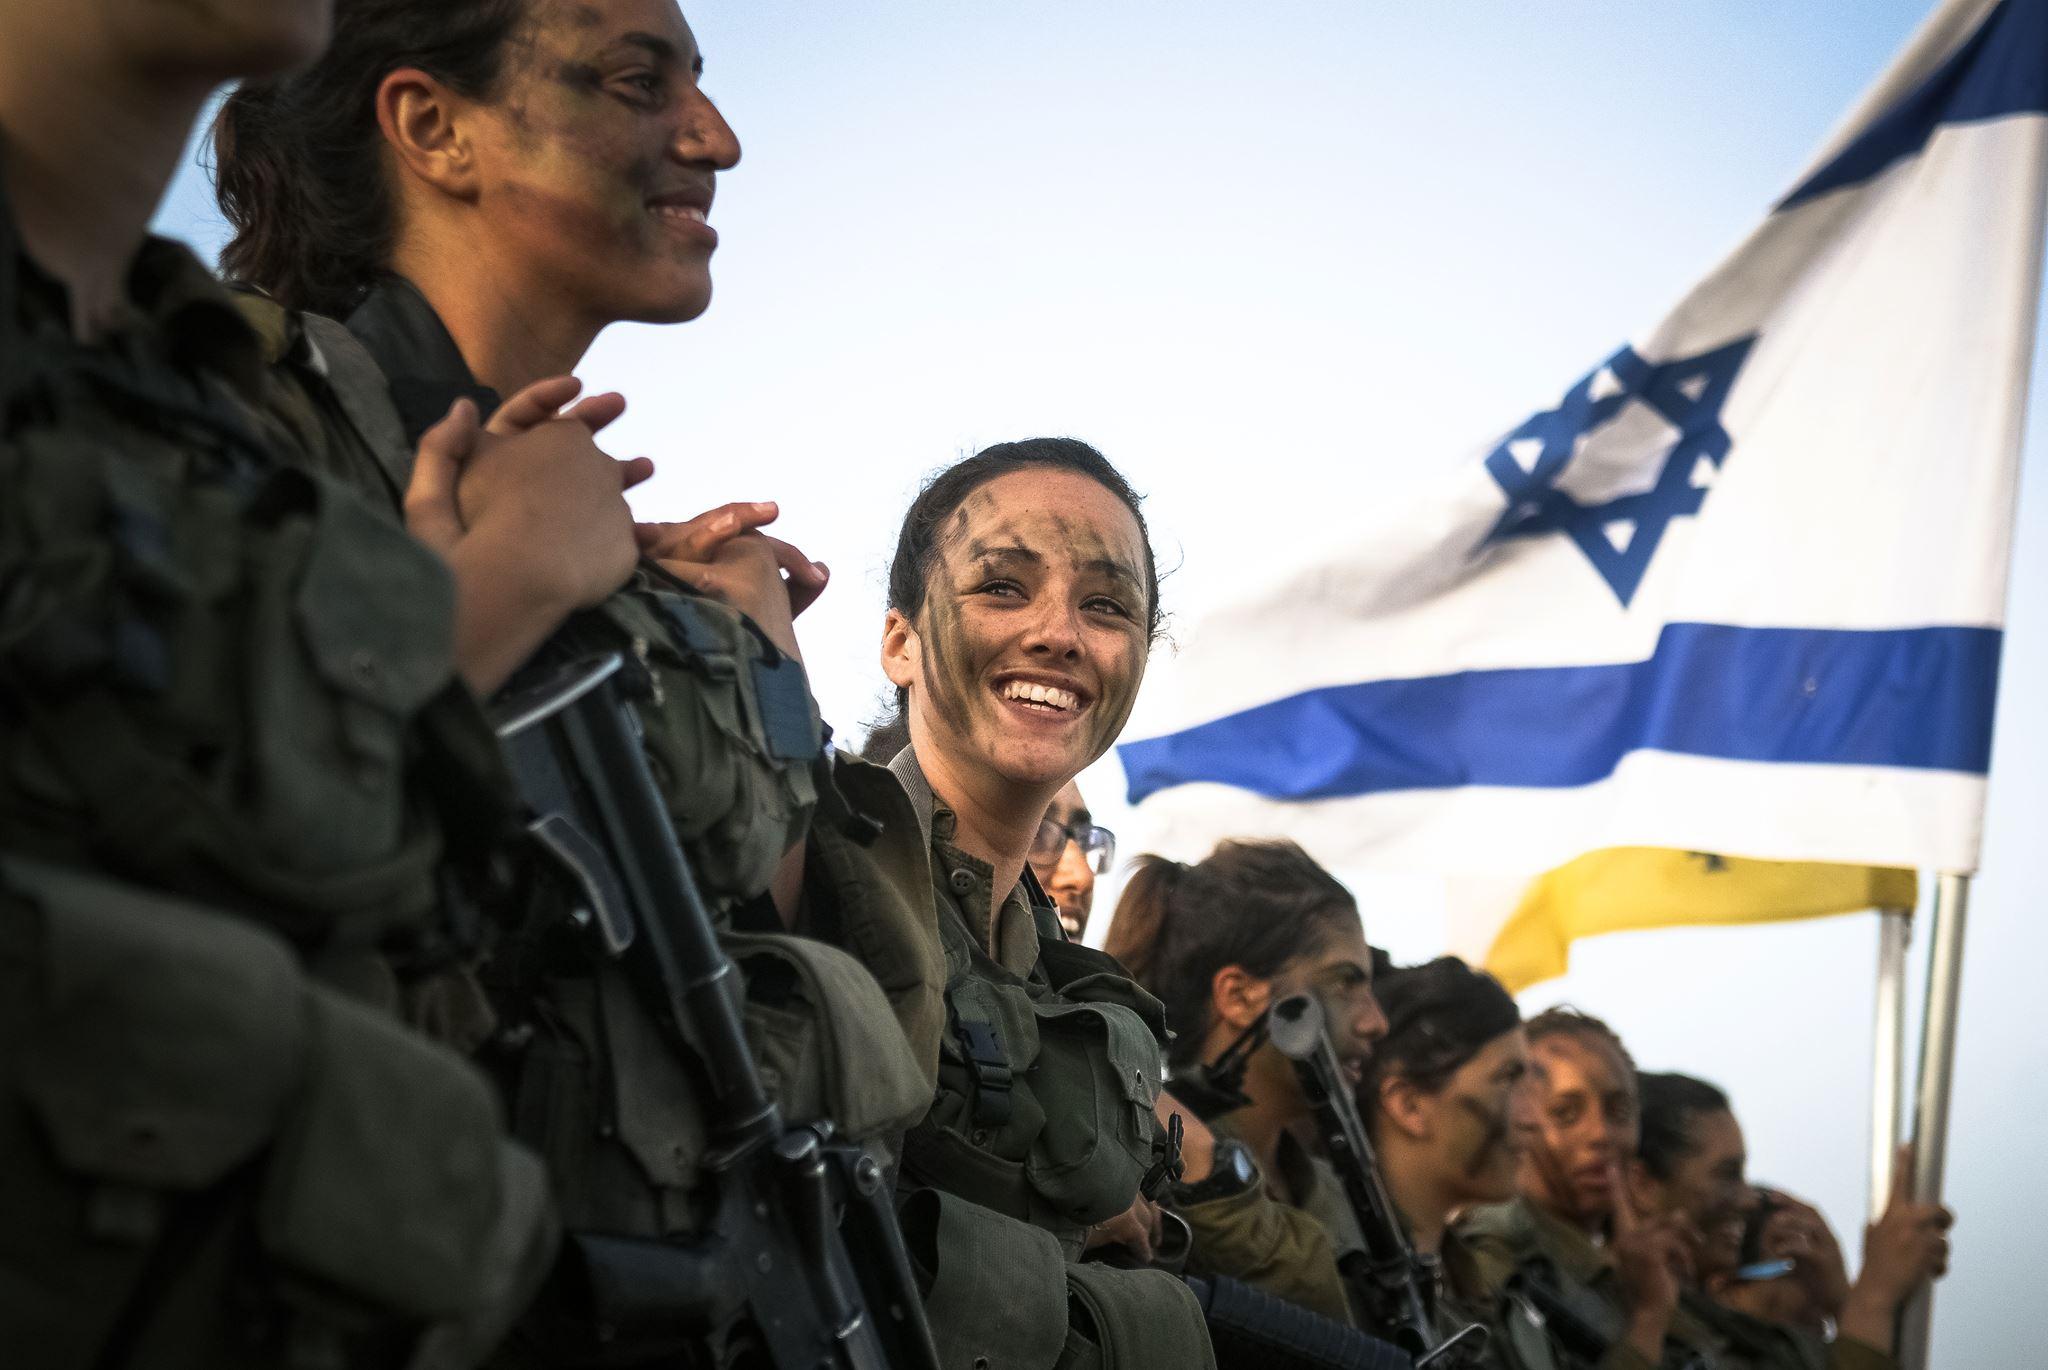 Végleg eltűnik a nők előtti üvegplafon az izraeli hadseregben?